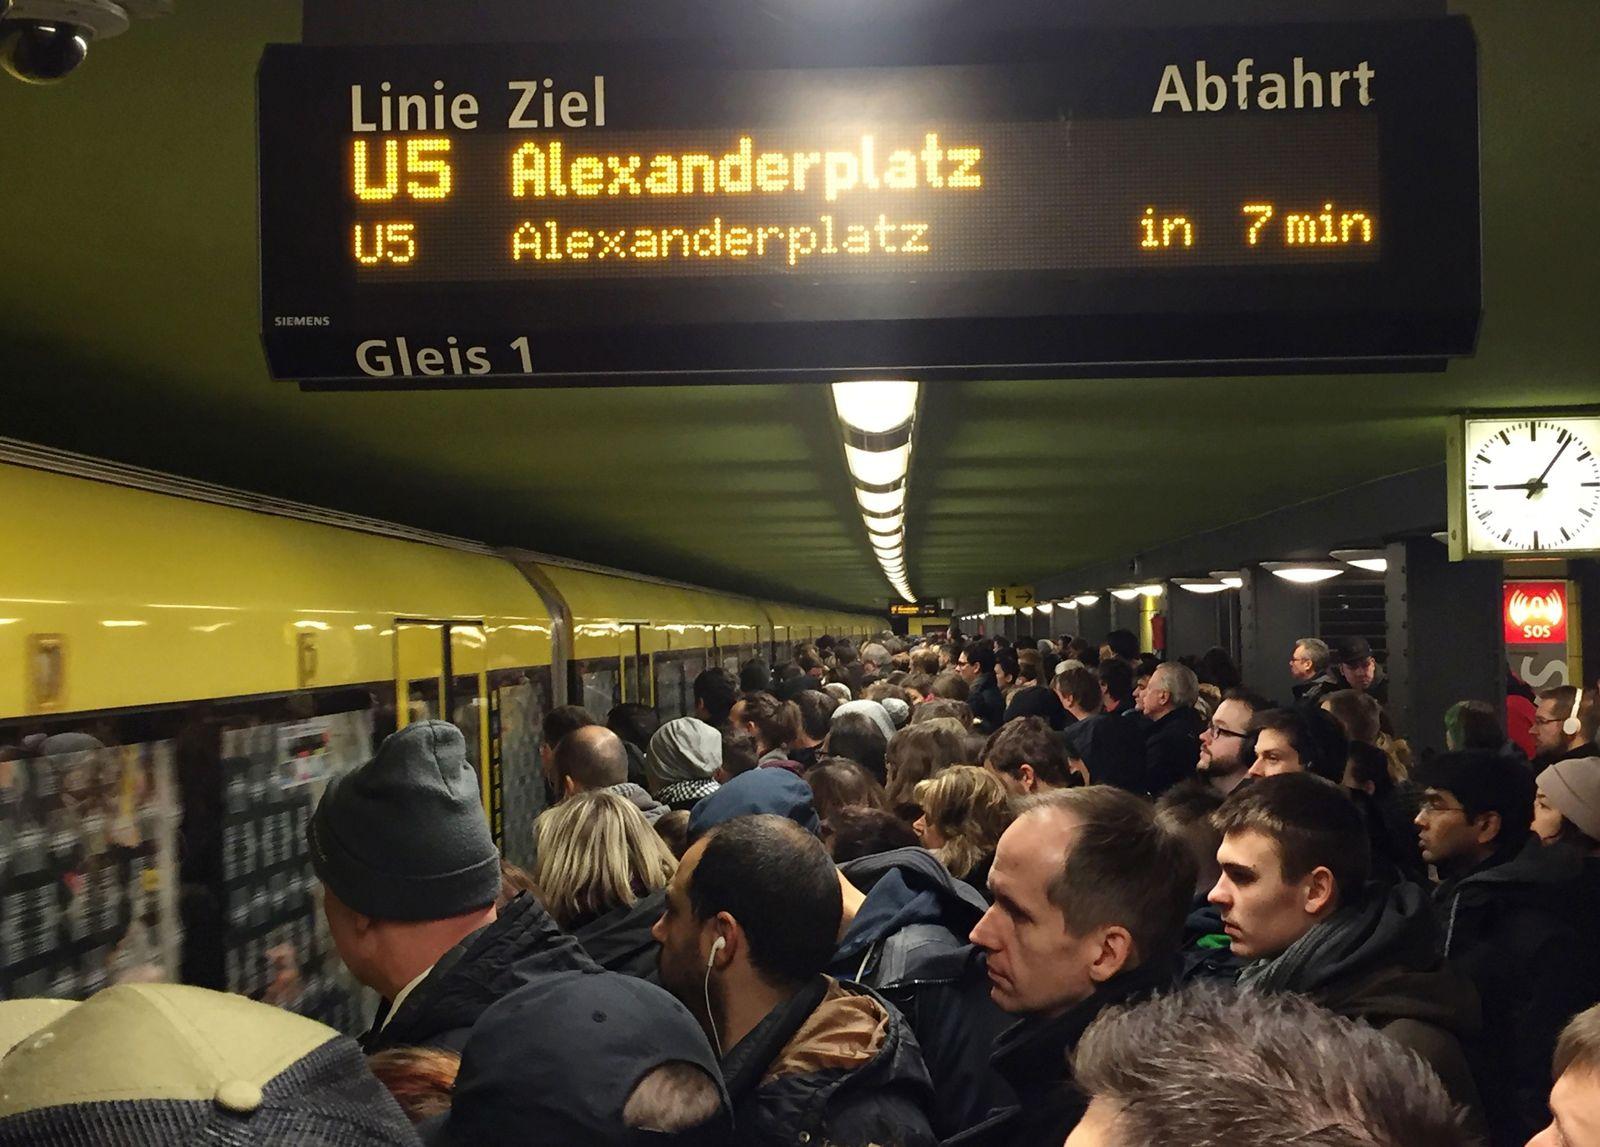 S-Bahn/ Überfüllt